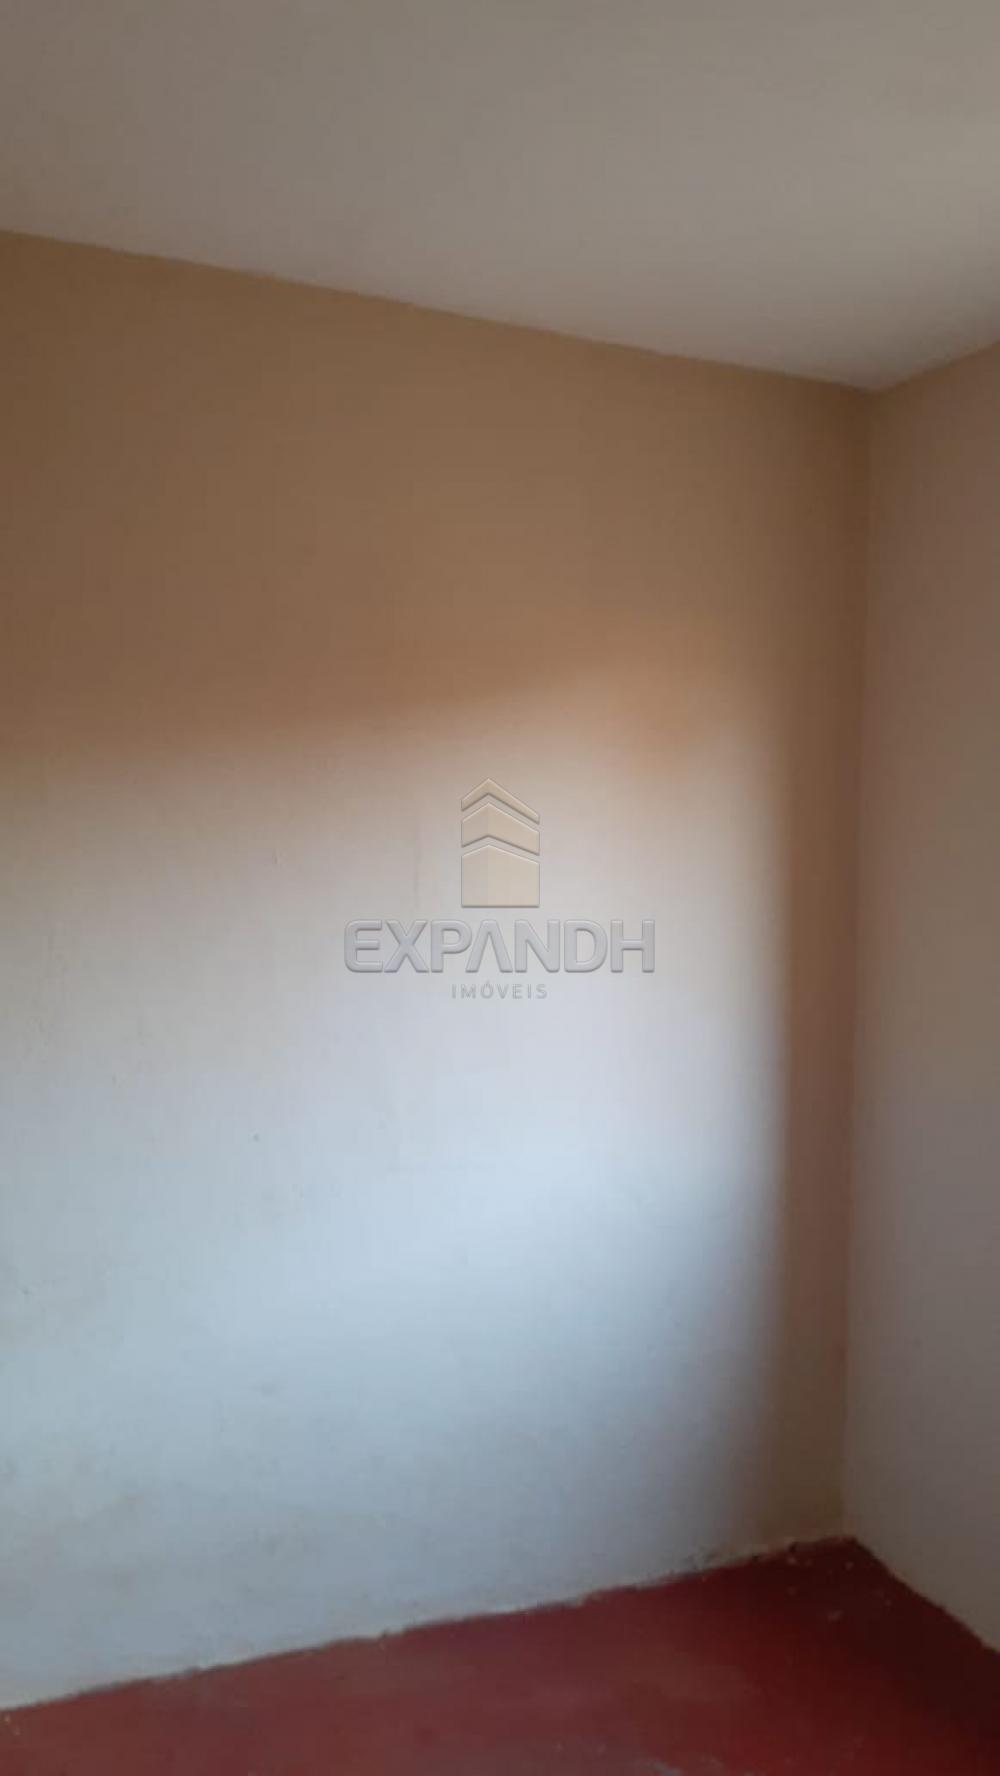 Comprar Casas / Padrão em Sertãozinho apenas R$ 140.000,00 - Foto 18